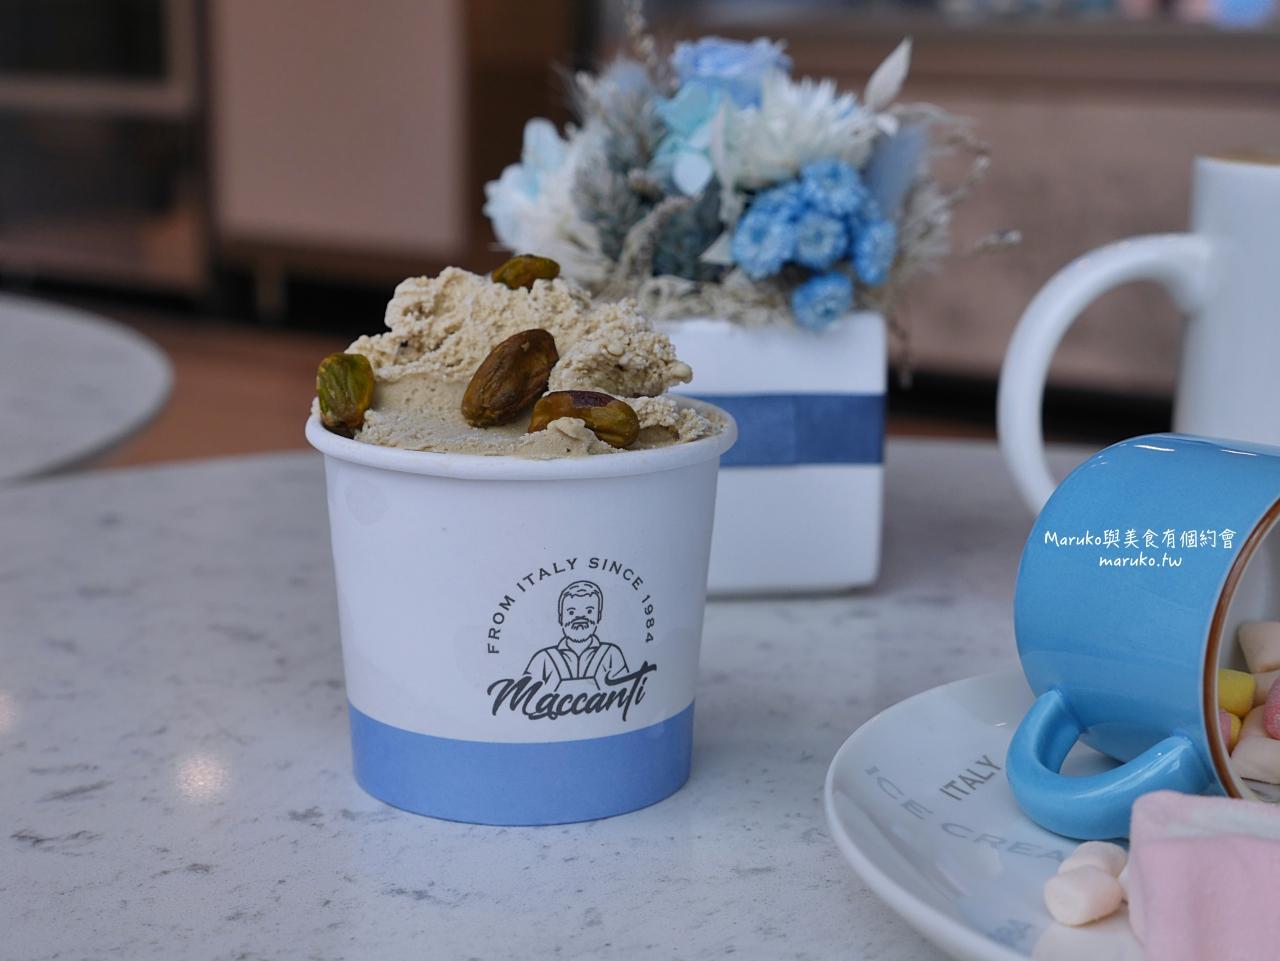 【桃園】馬卡諦義式冰淇淋/60種以上來自義大利正統手工冰淇淋/網購宅配熱門推薦 @Maruko與美食有個約會